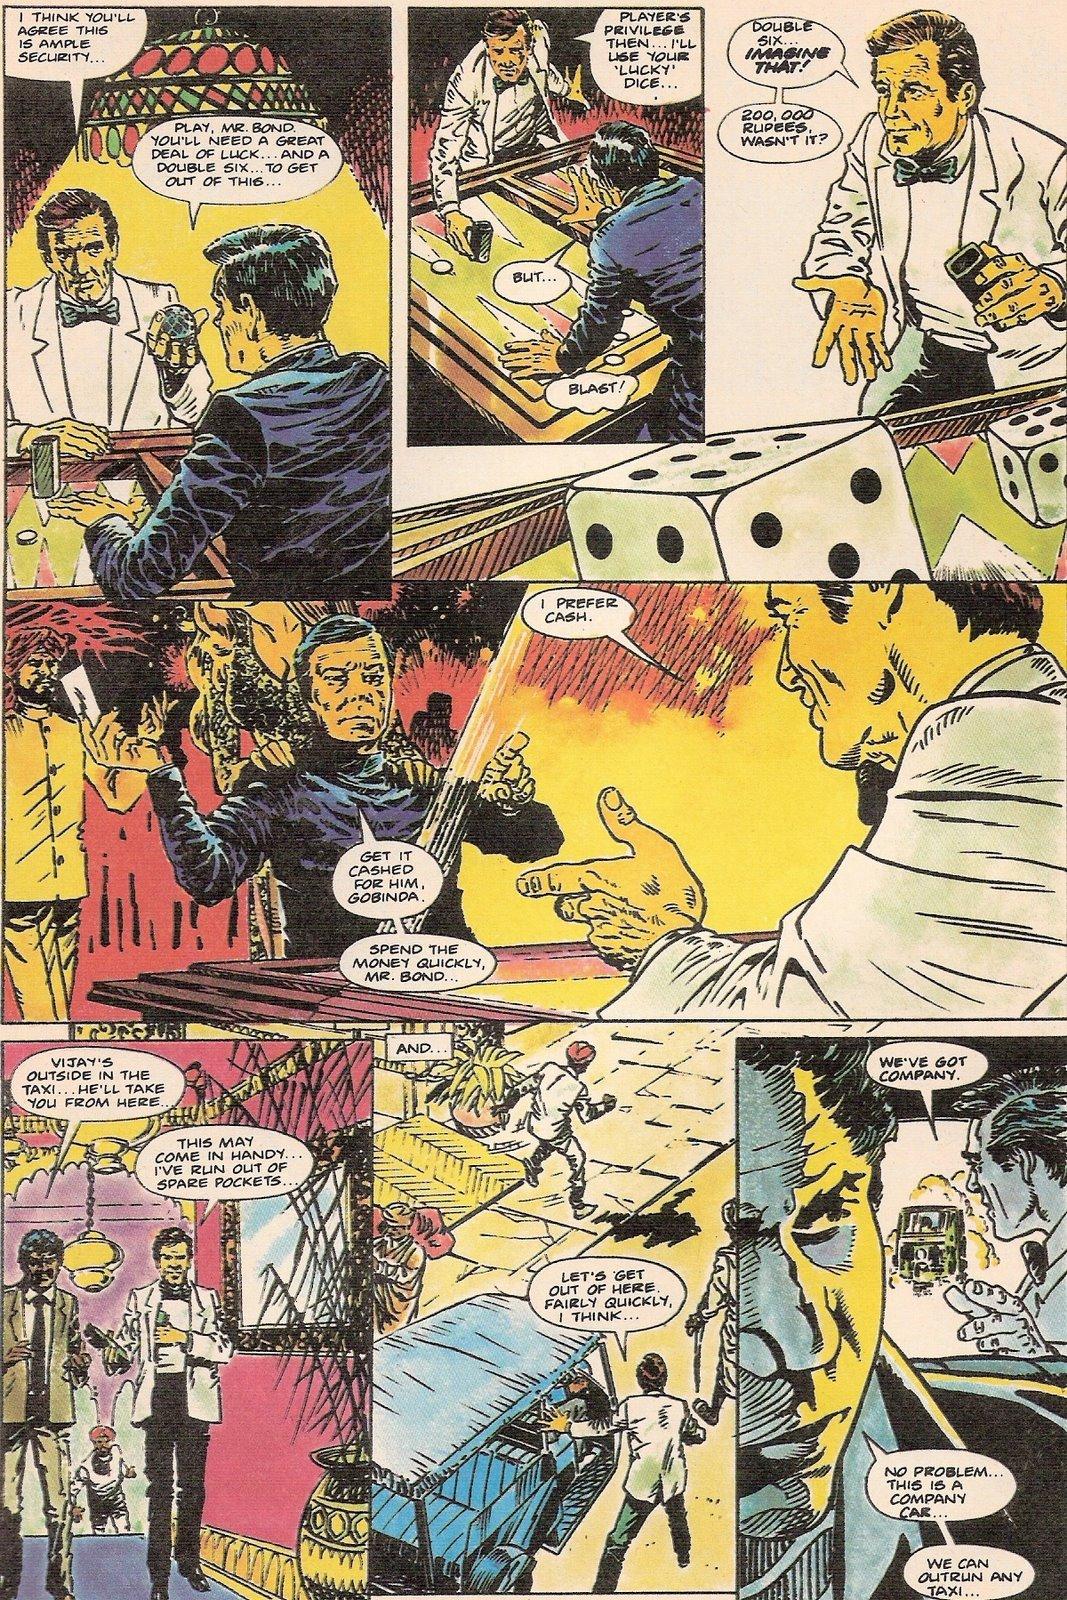 """Deux versions d'une même scène dans """"Octopussy"""" (1983) : une partie de backgammon selon Marvel et selon Semic"""